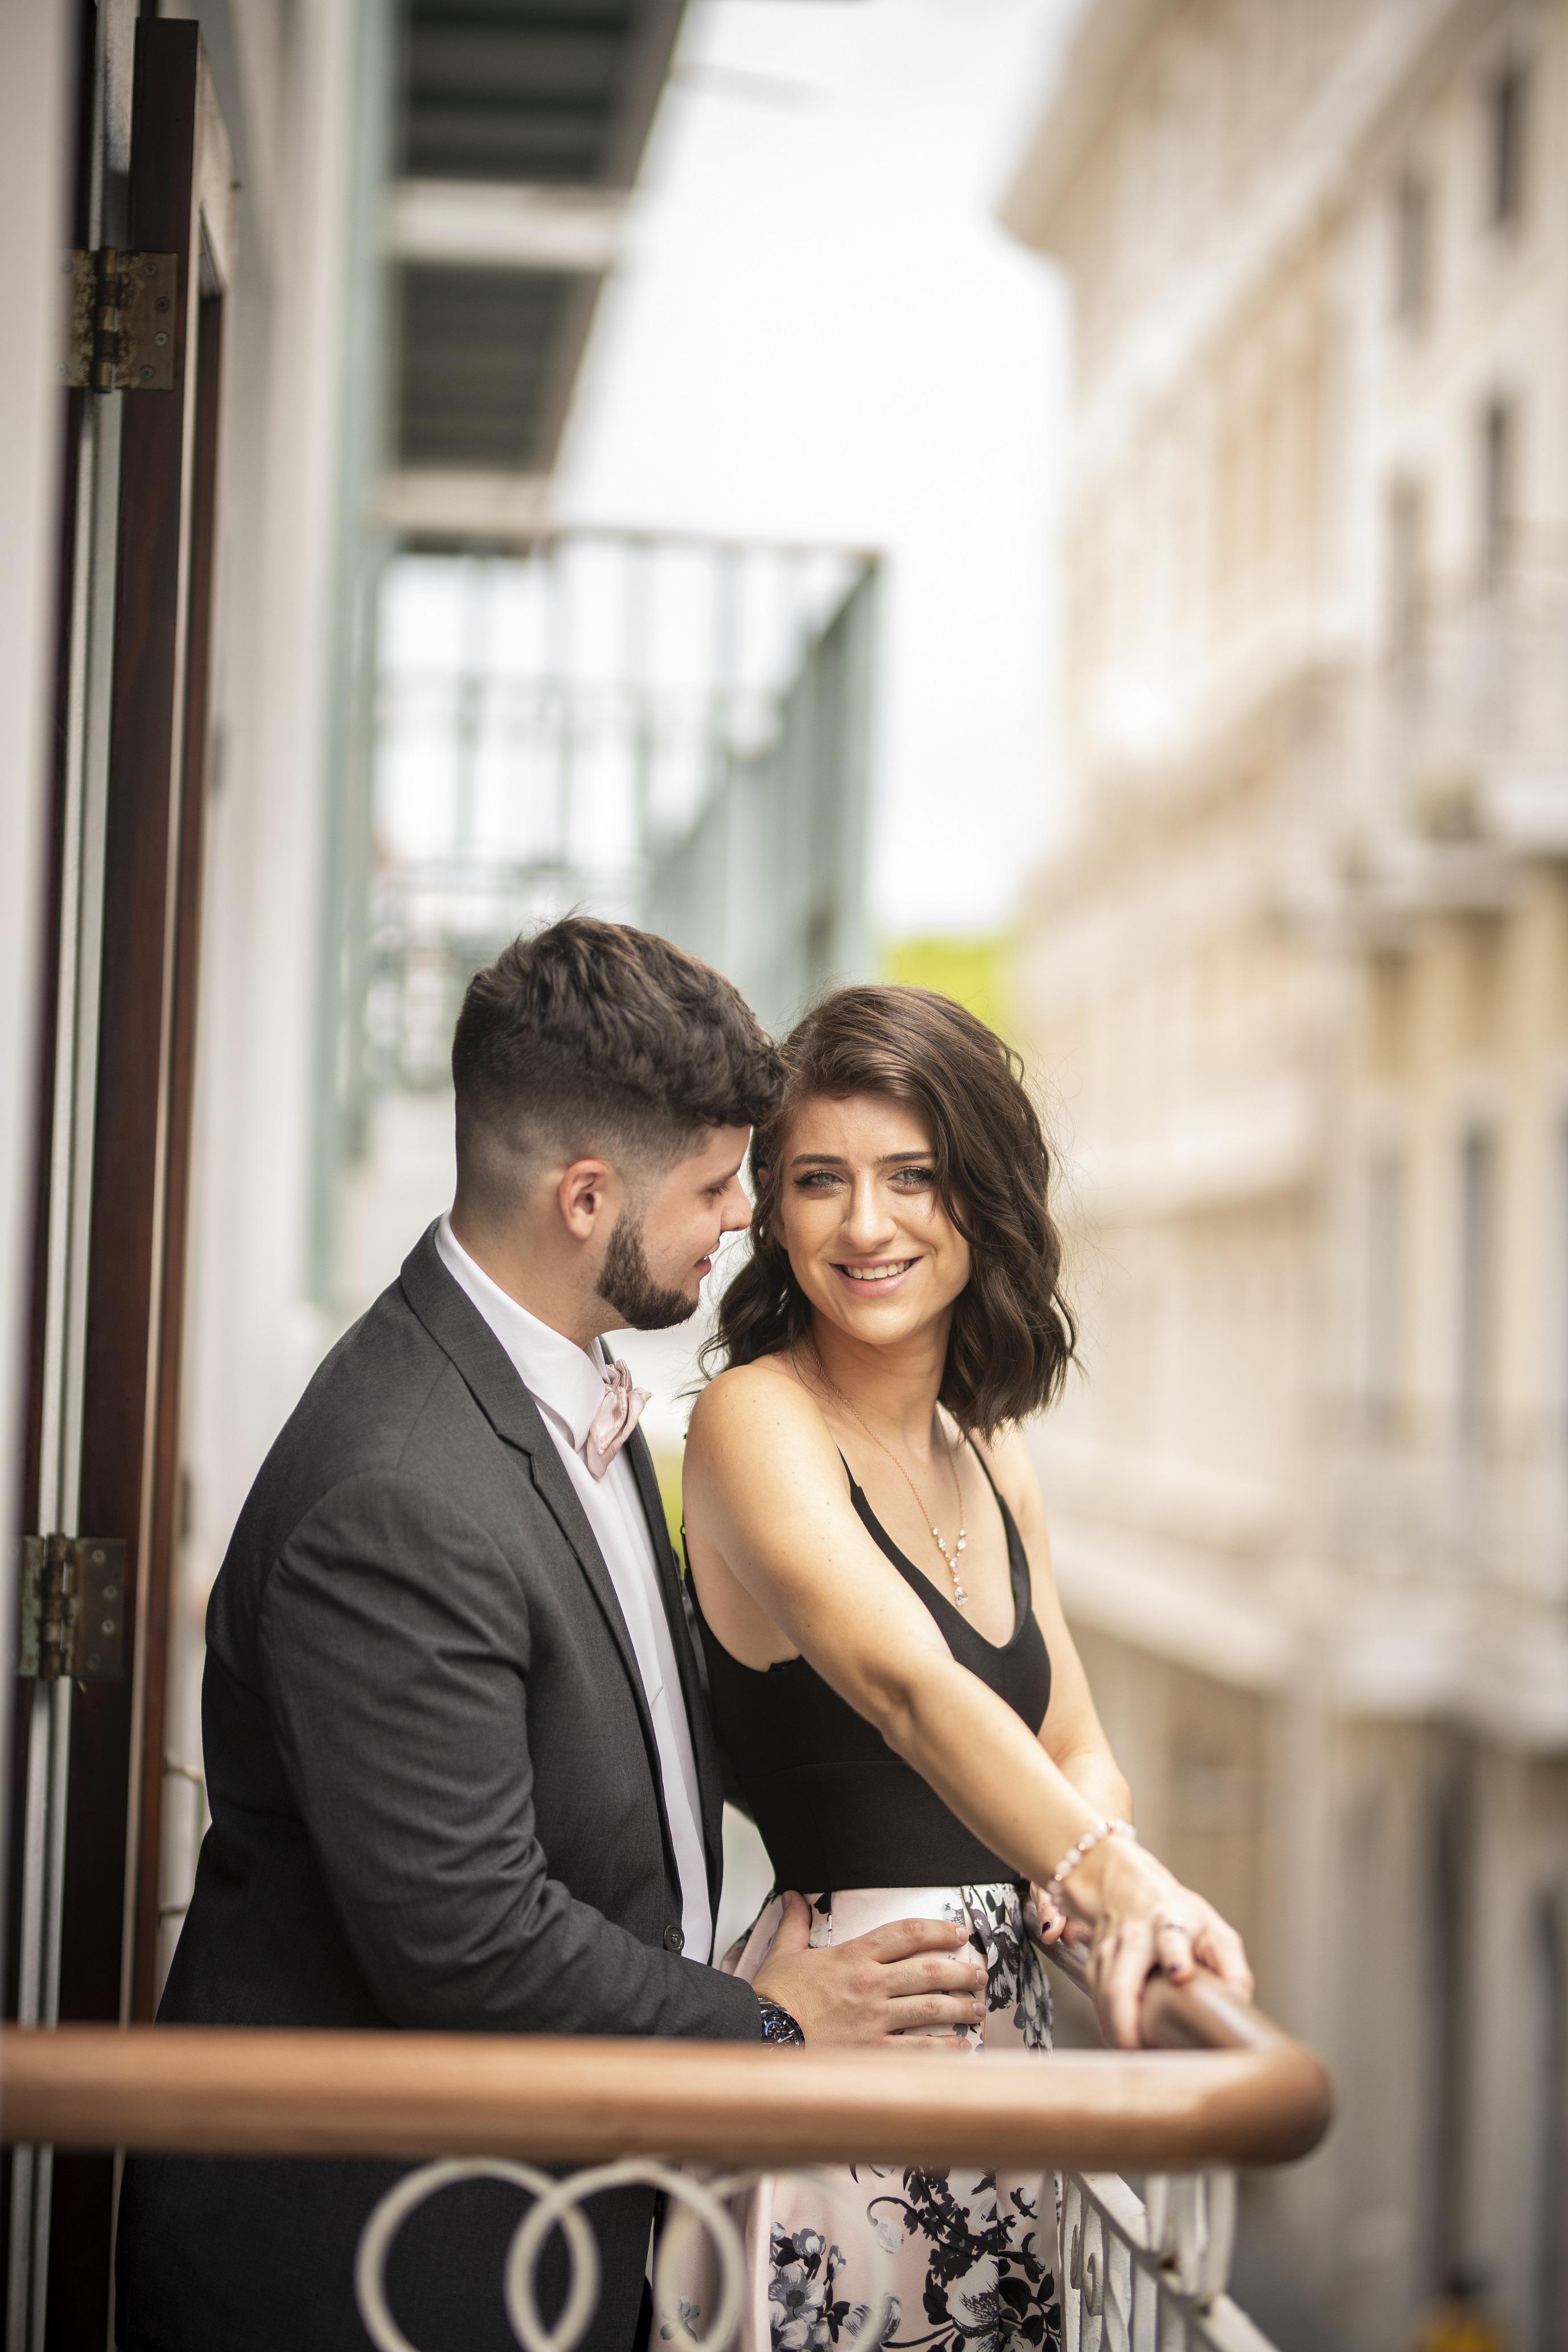 Atuendo de la novia: Mac Duggal. Atuendo del novio: Leonardo's Fifth Avenue (Raúl Arzuaga)